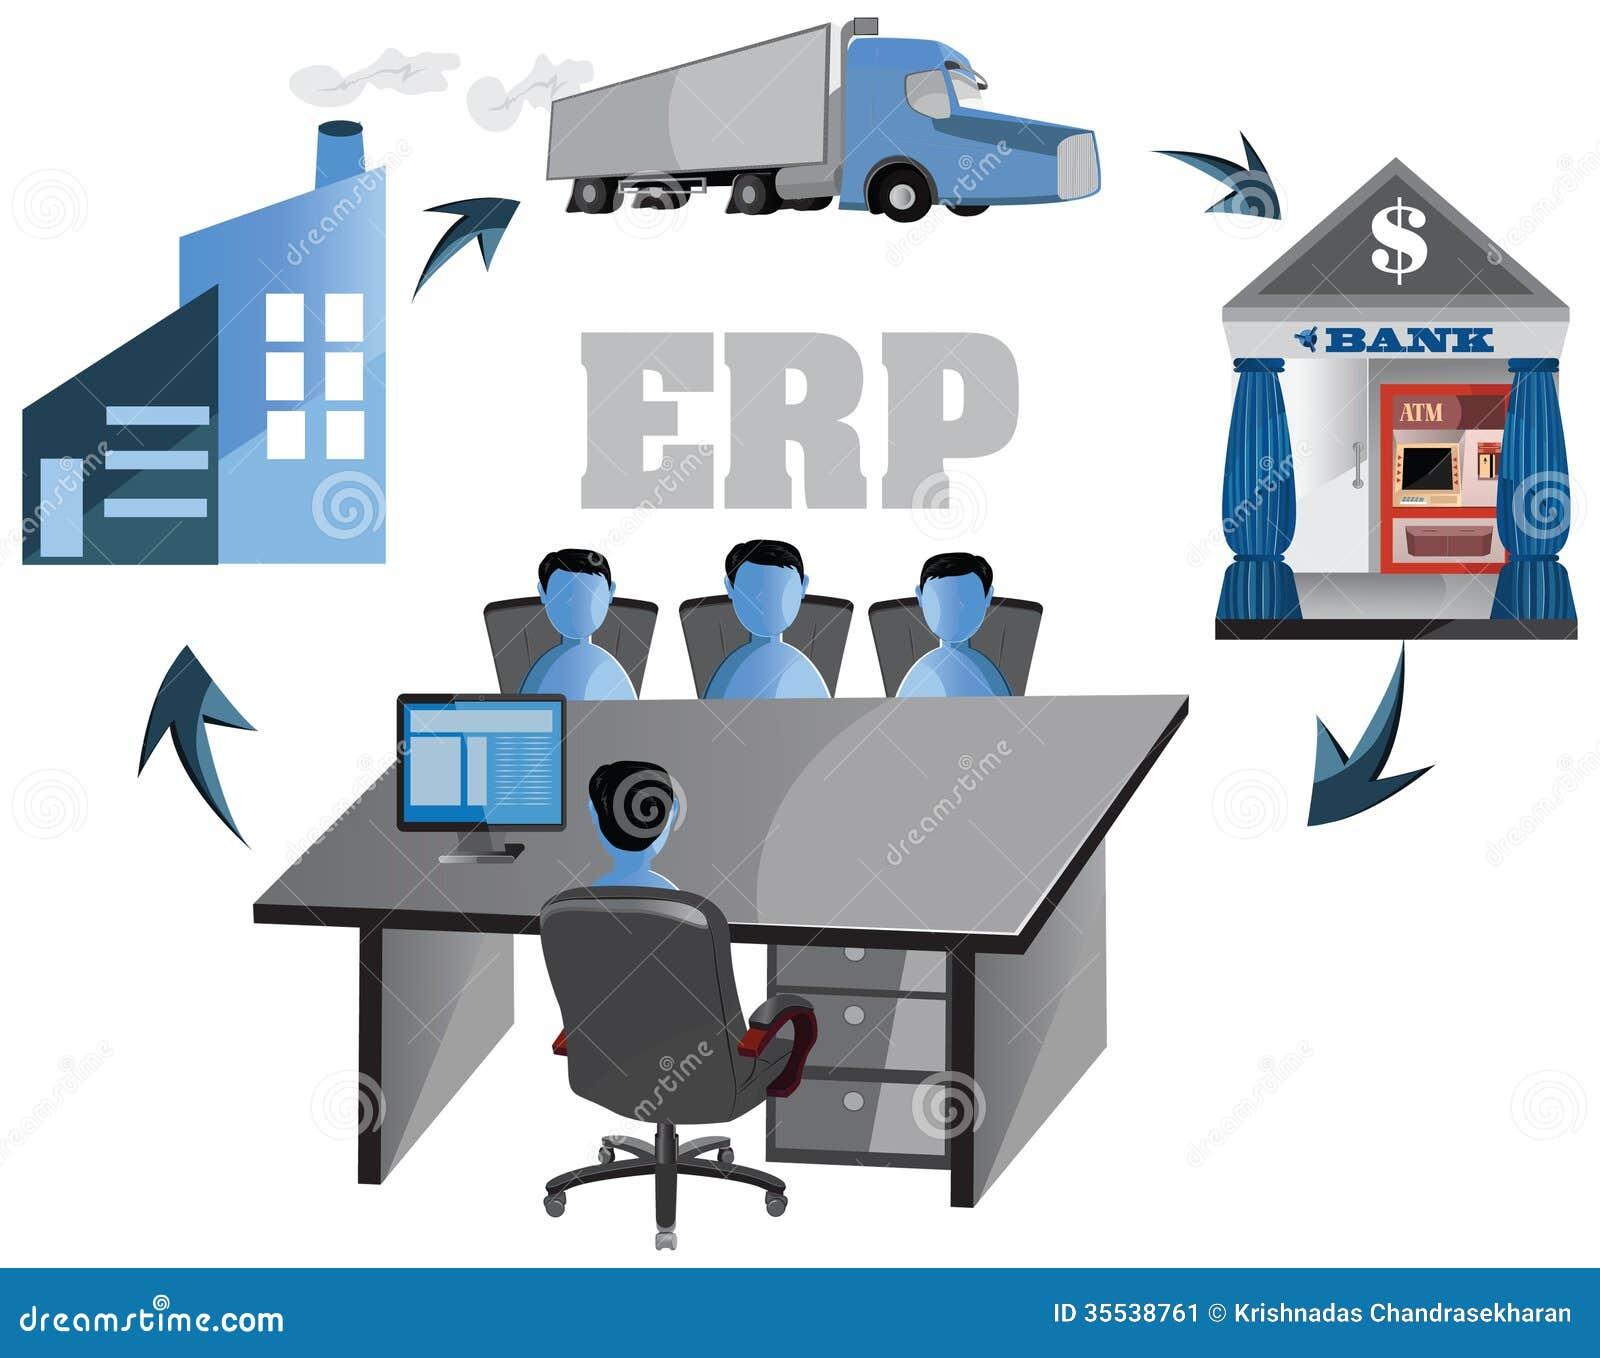 Enterprise Resource Planning Pdf